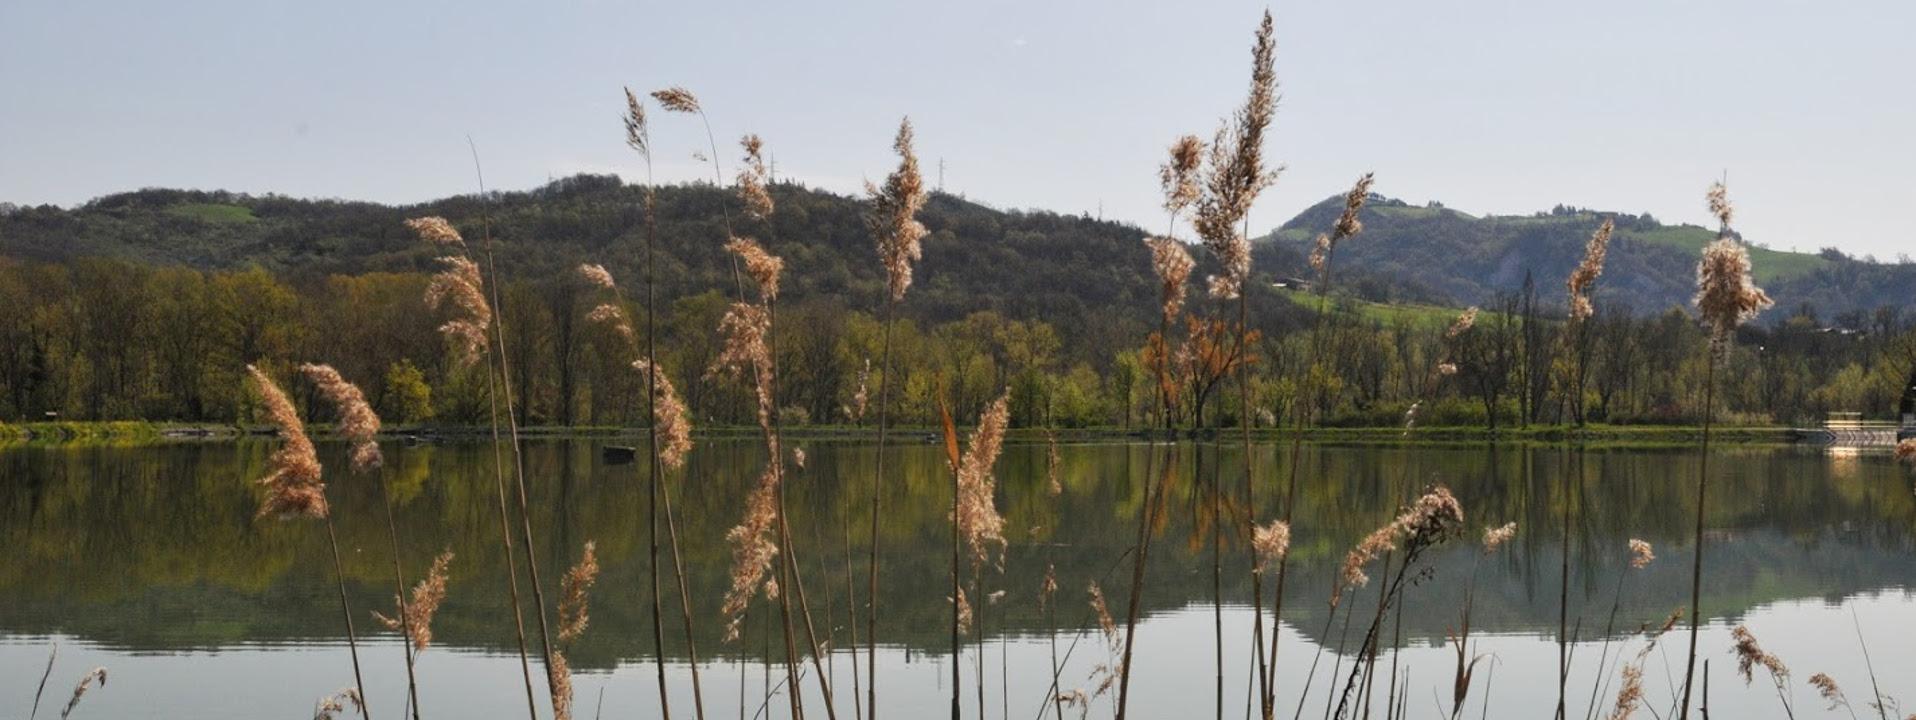 Immagine del Bacino Reno Vivo